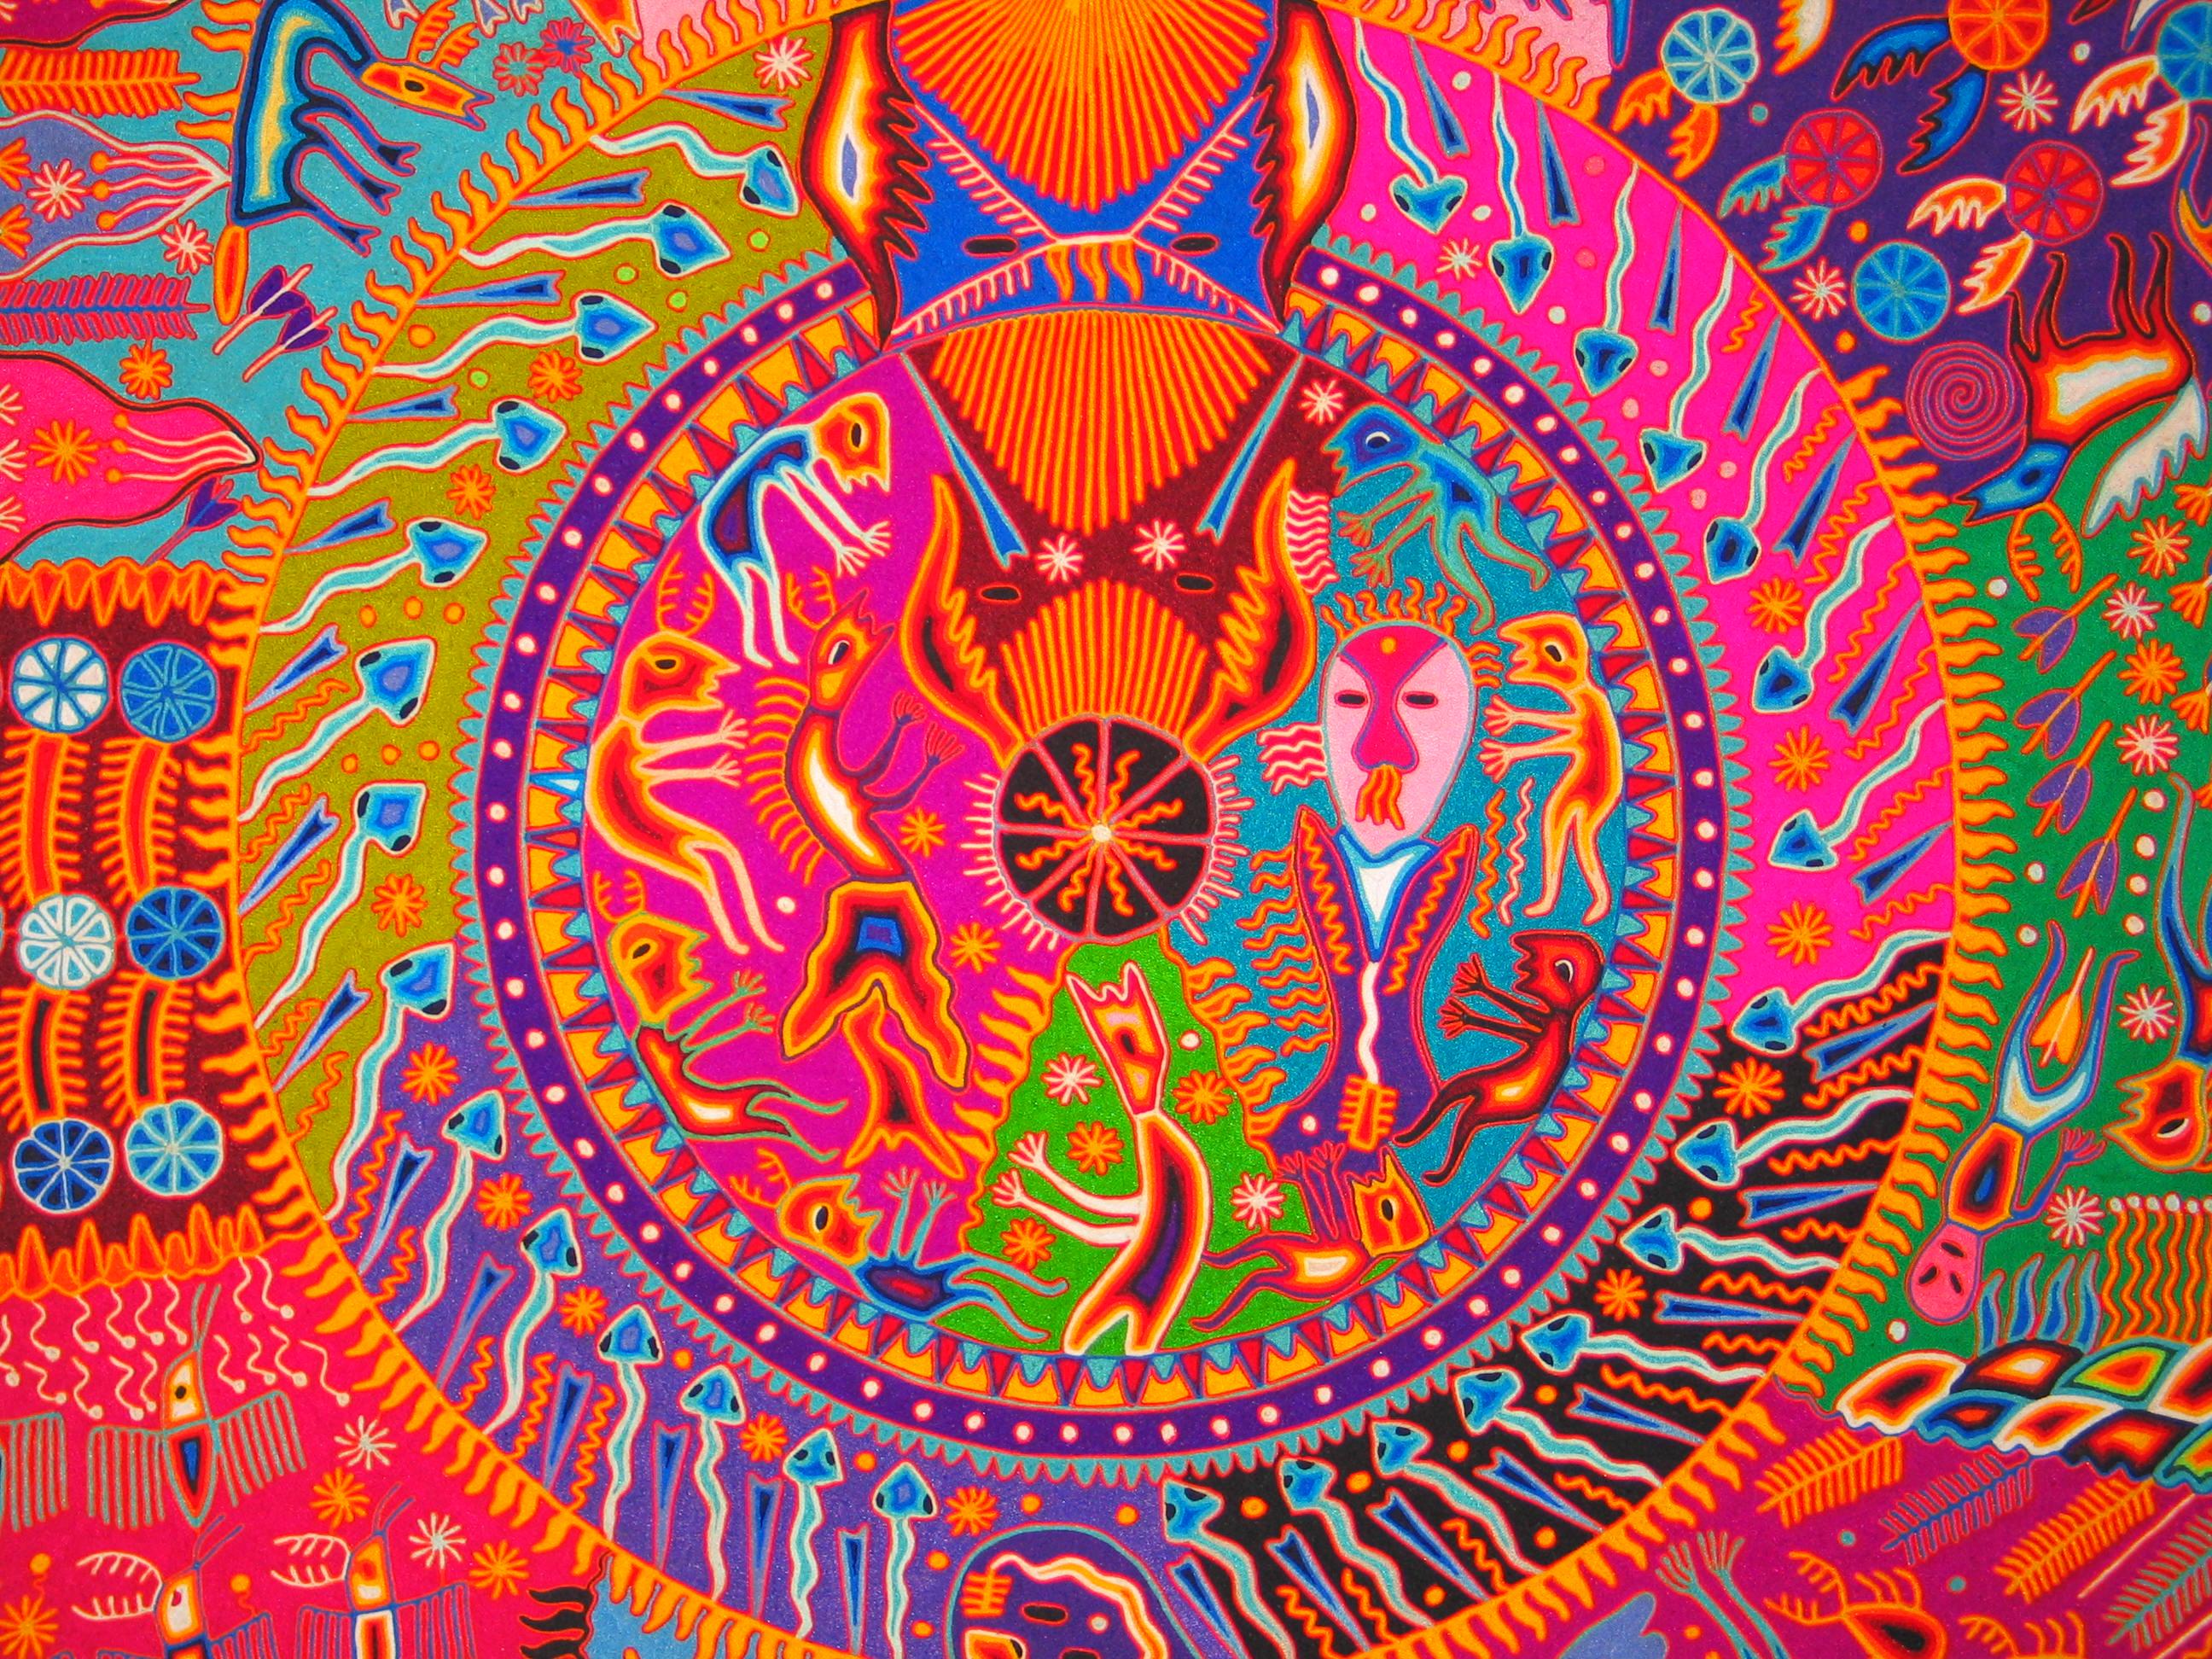 PART II  Drugs as a spiritual tool Peyote   CULTURS The Global 2592x1944